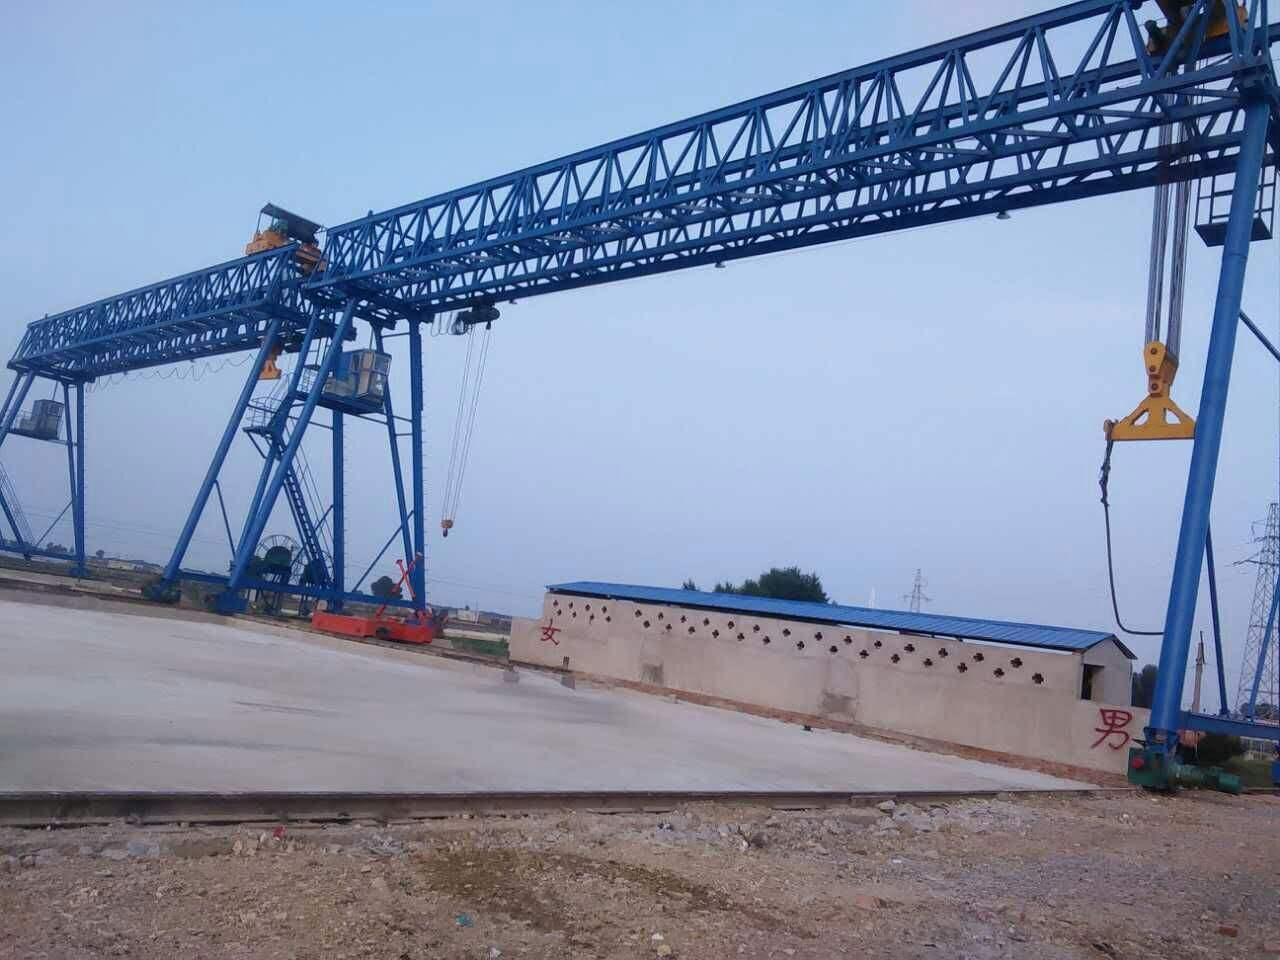 哈尔滨起重机哈尔滨龙门吊哈尔滨桥式起重机尚志提梁机